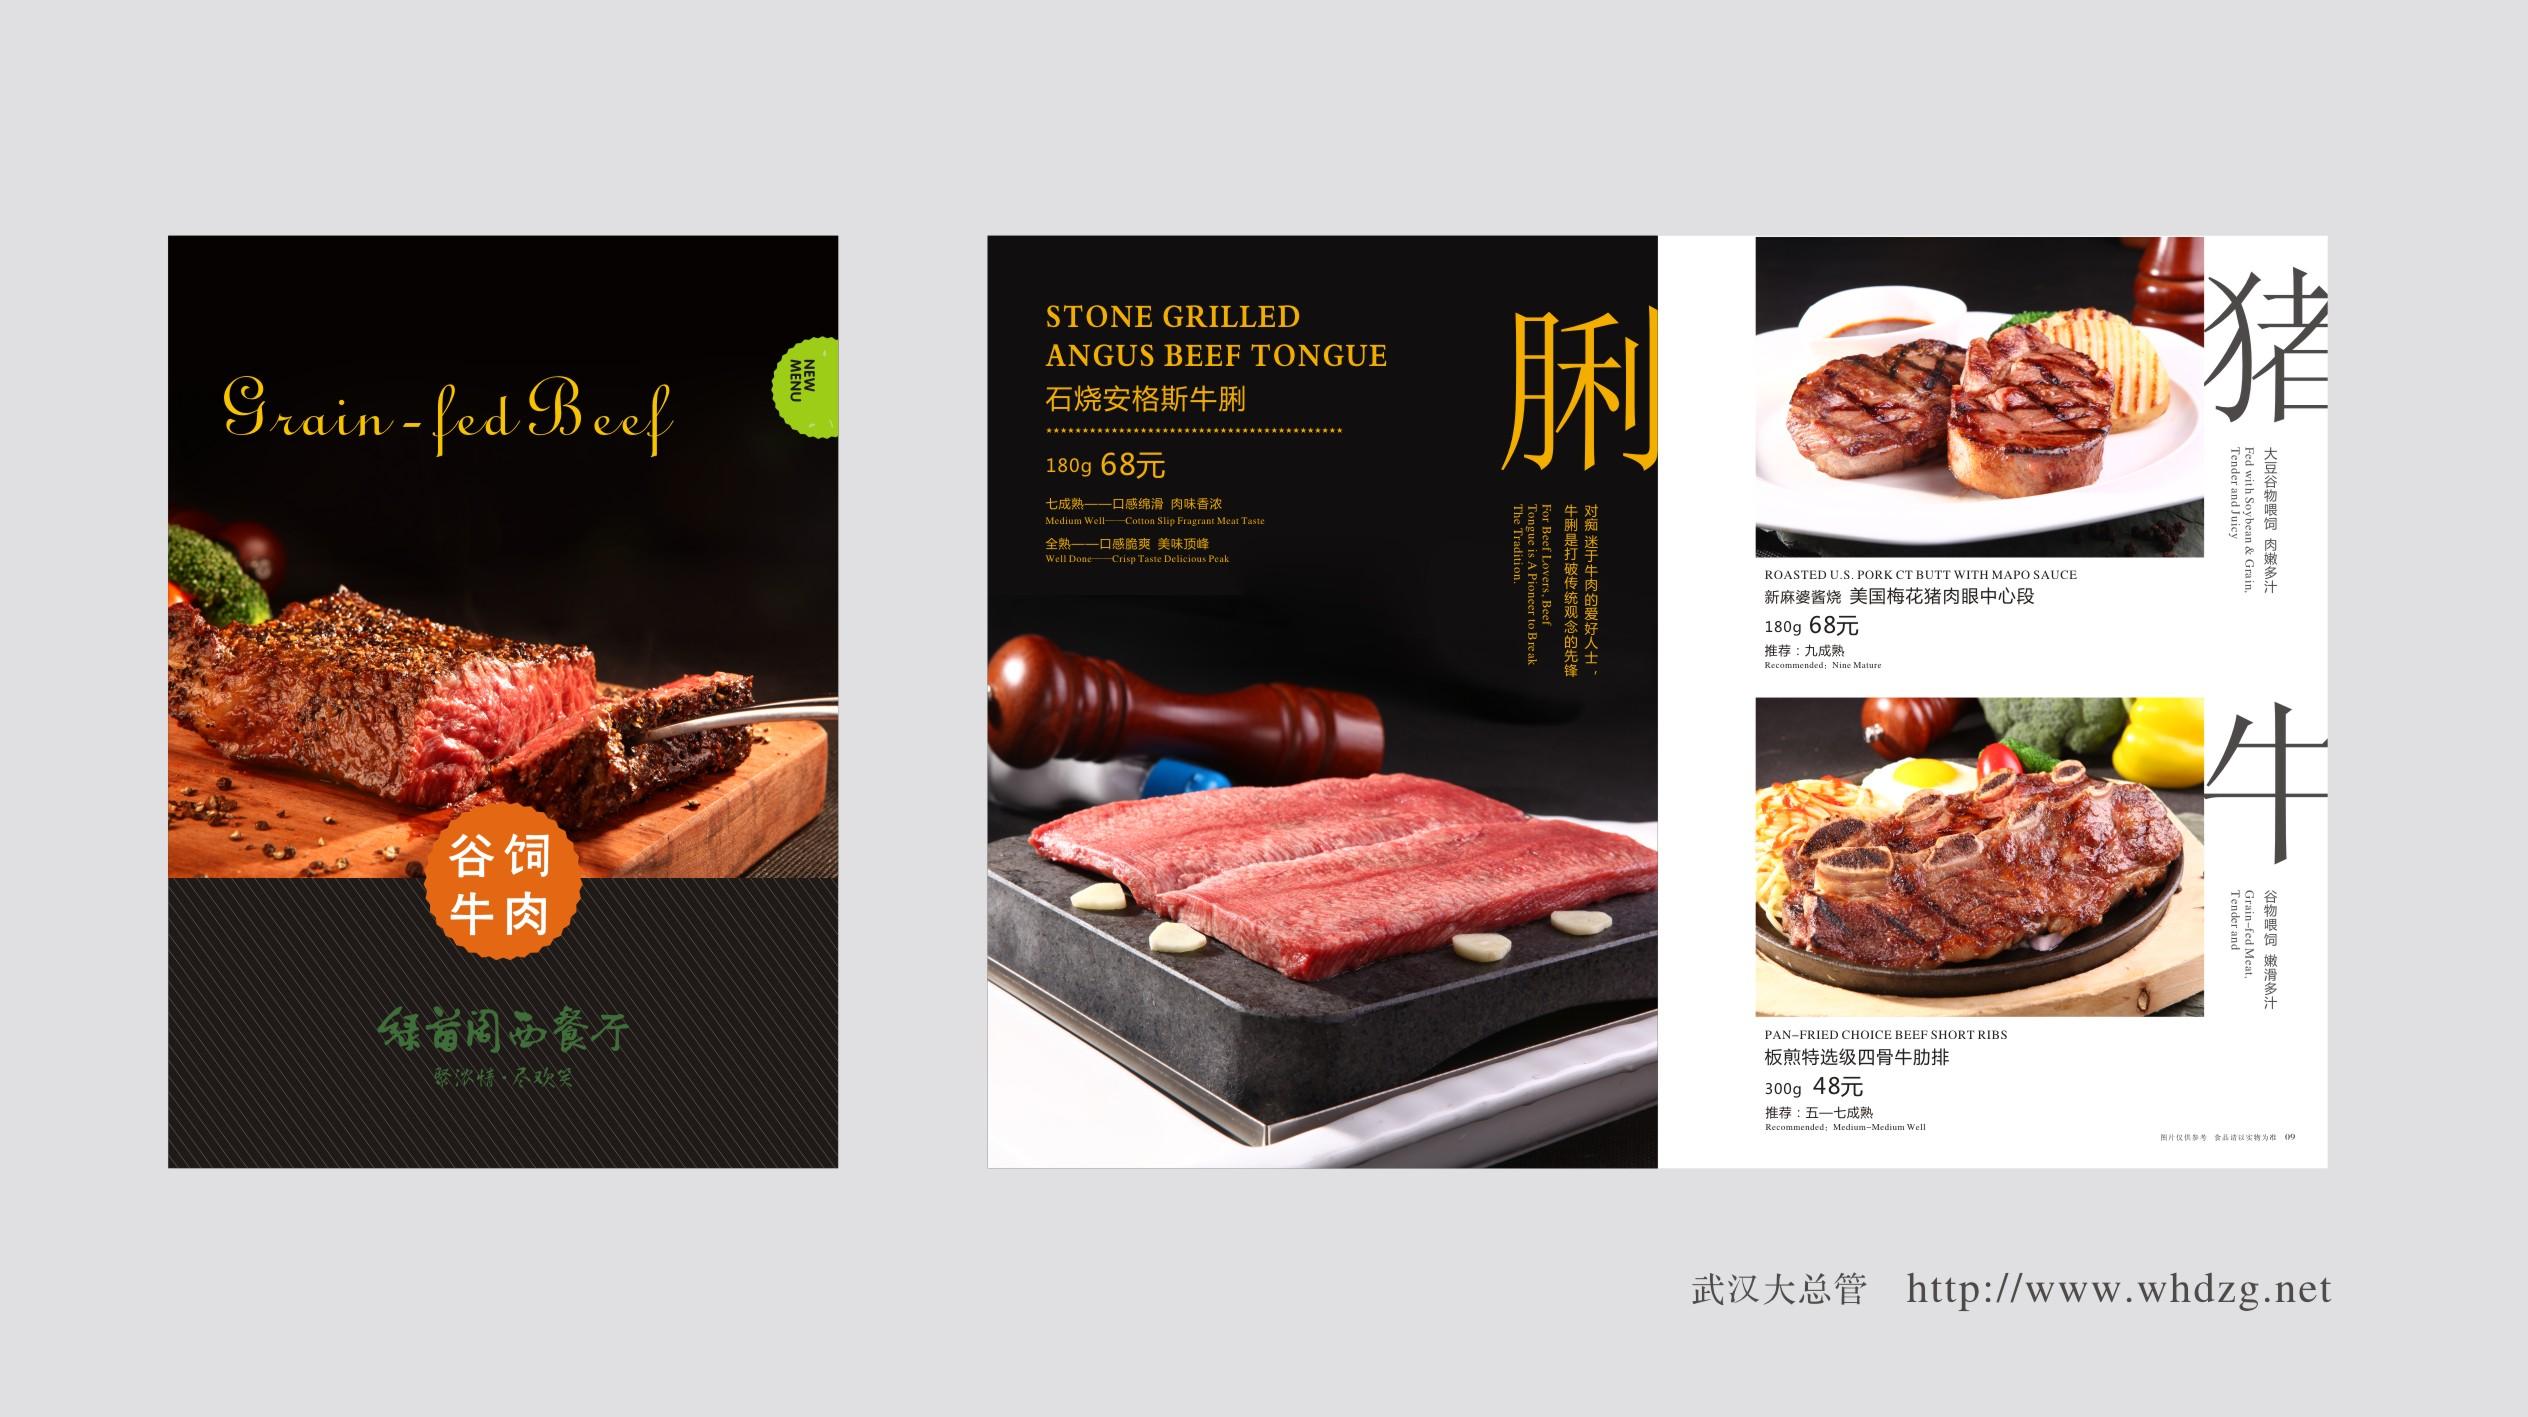 招人贴--武汉大总管 餐饮设计摄影案例_其他广告_平面